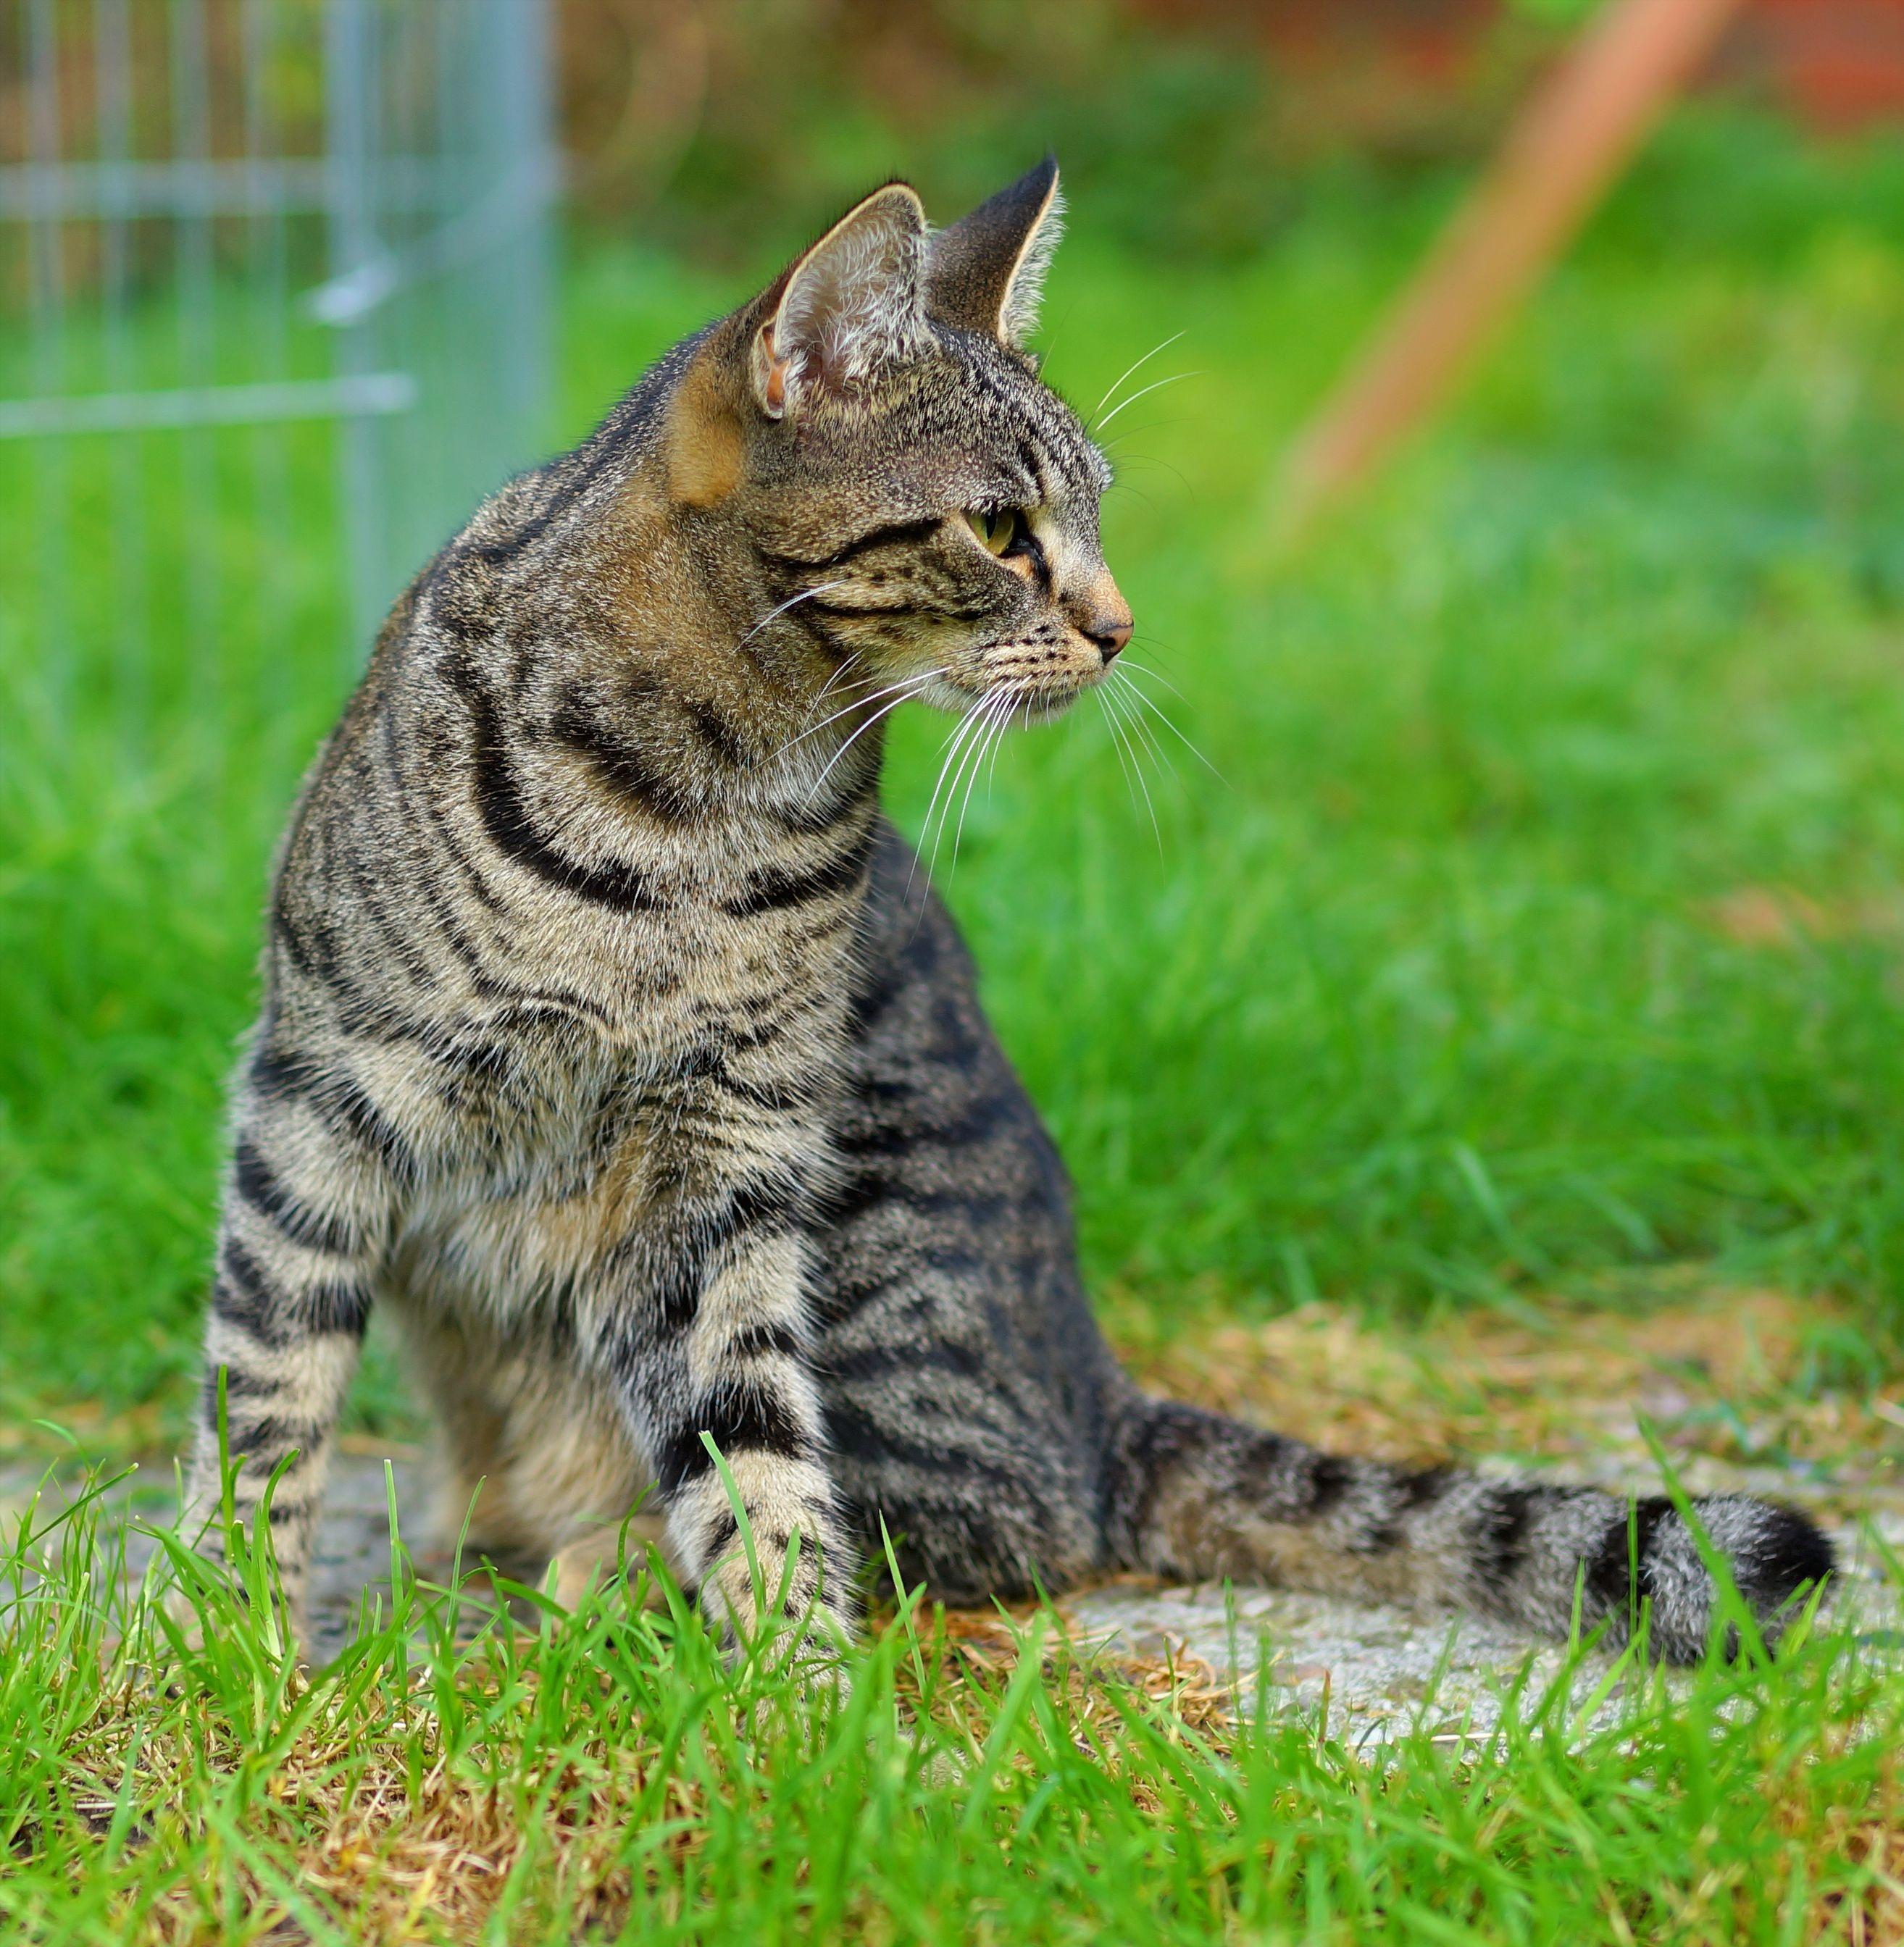 Download 78+  Gambar Kucing Lucu Di Taman Paling Lucu Gratis